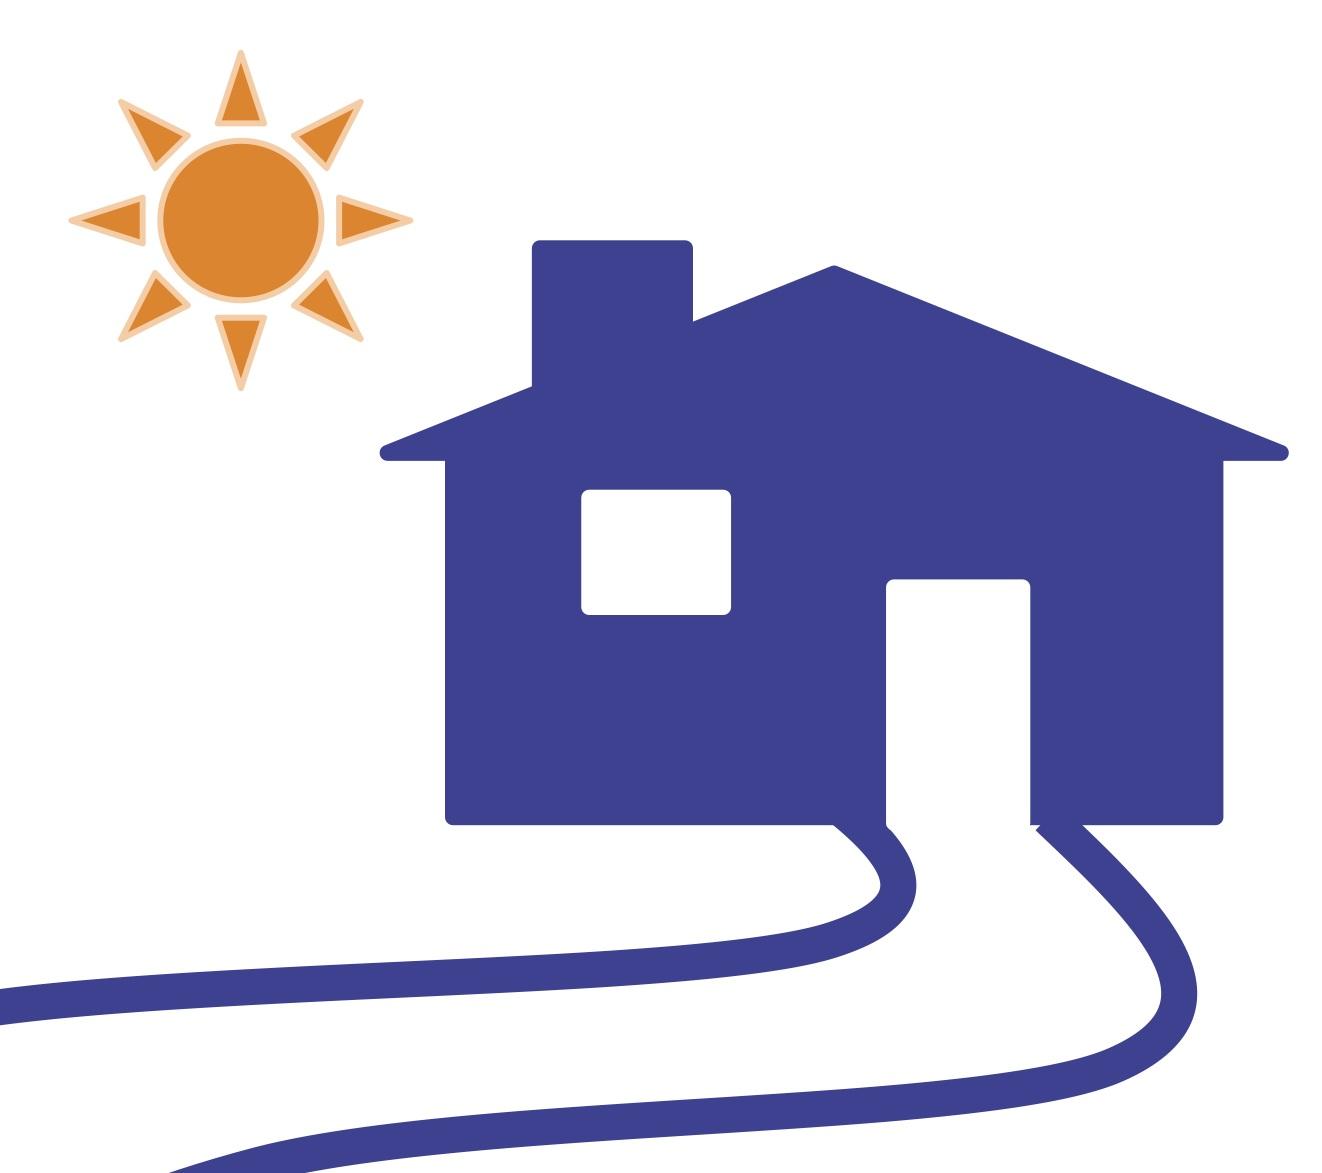 House+and+Sun.jpg